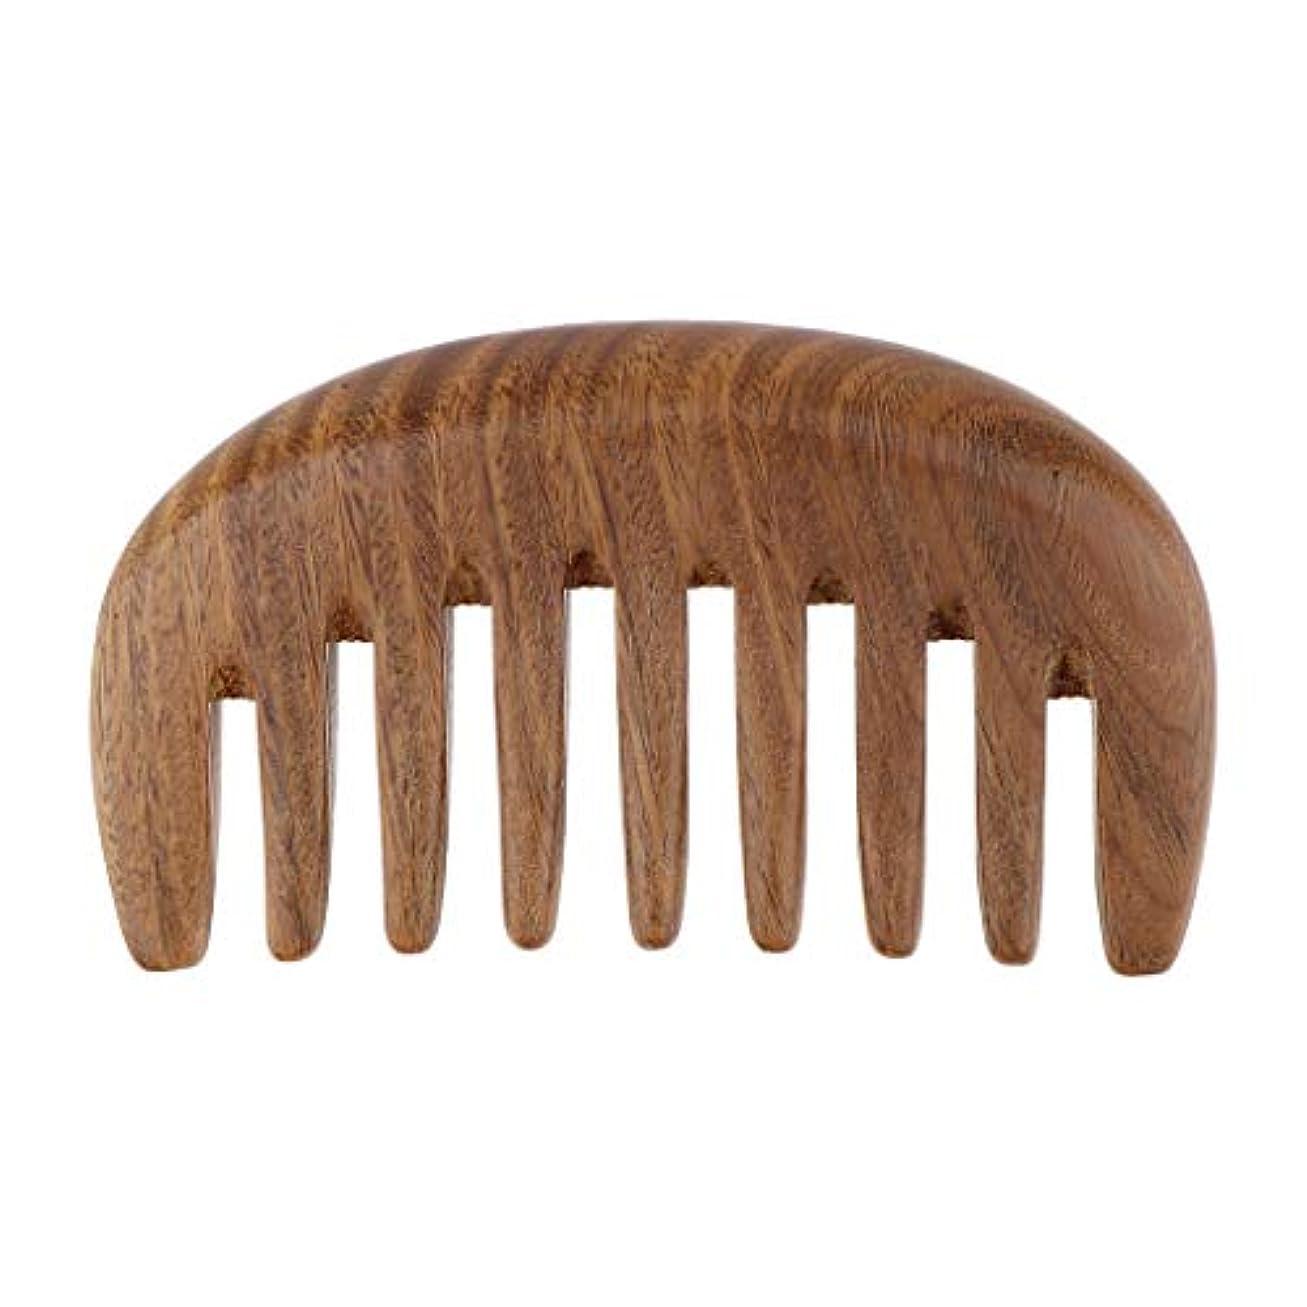 槍ルーチン特にヘアブラシ 木製 ヘアコーム ウッドコーム 帯電防止櫛 ヘアケア くし 櫛 3色選べ - ベラウッド